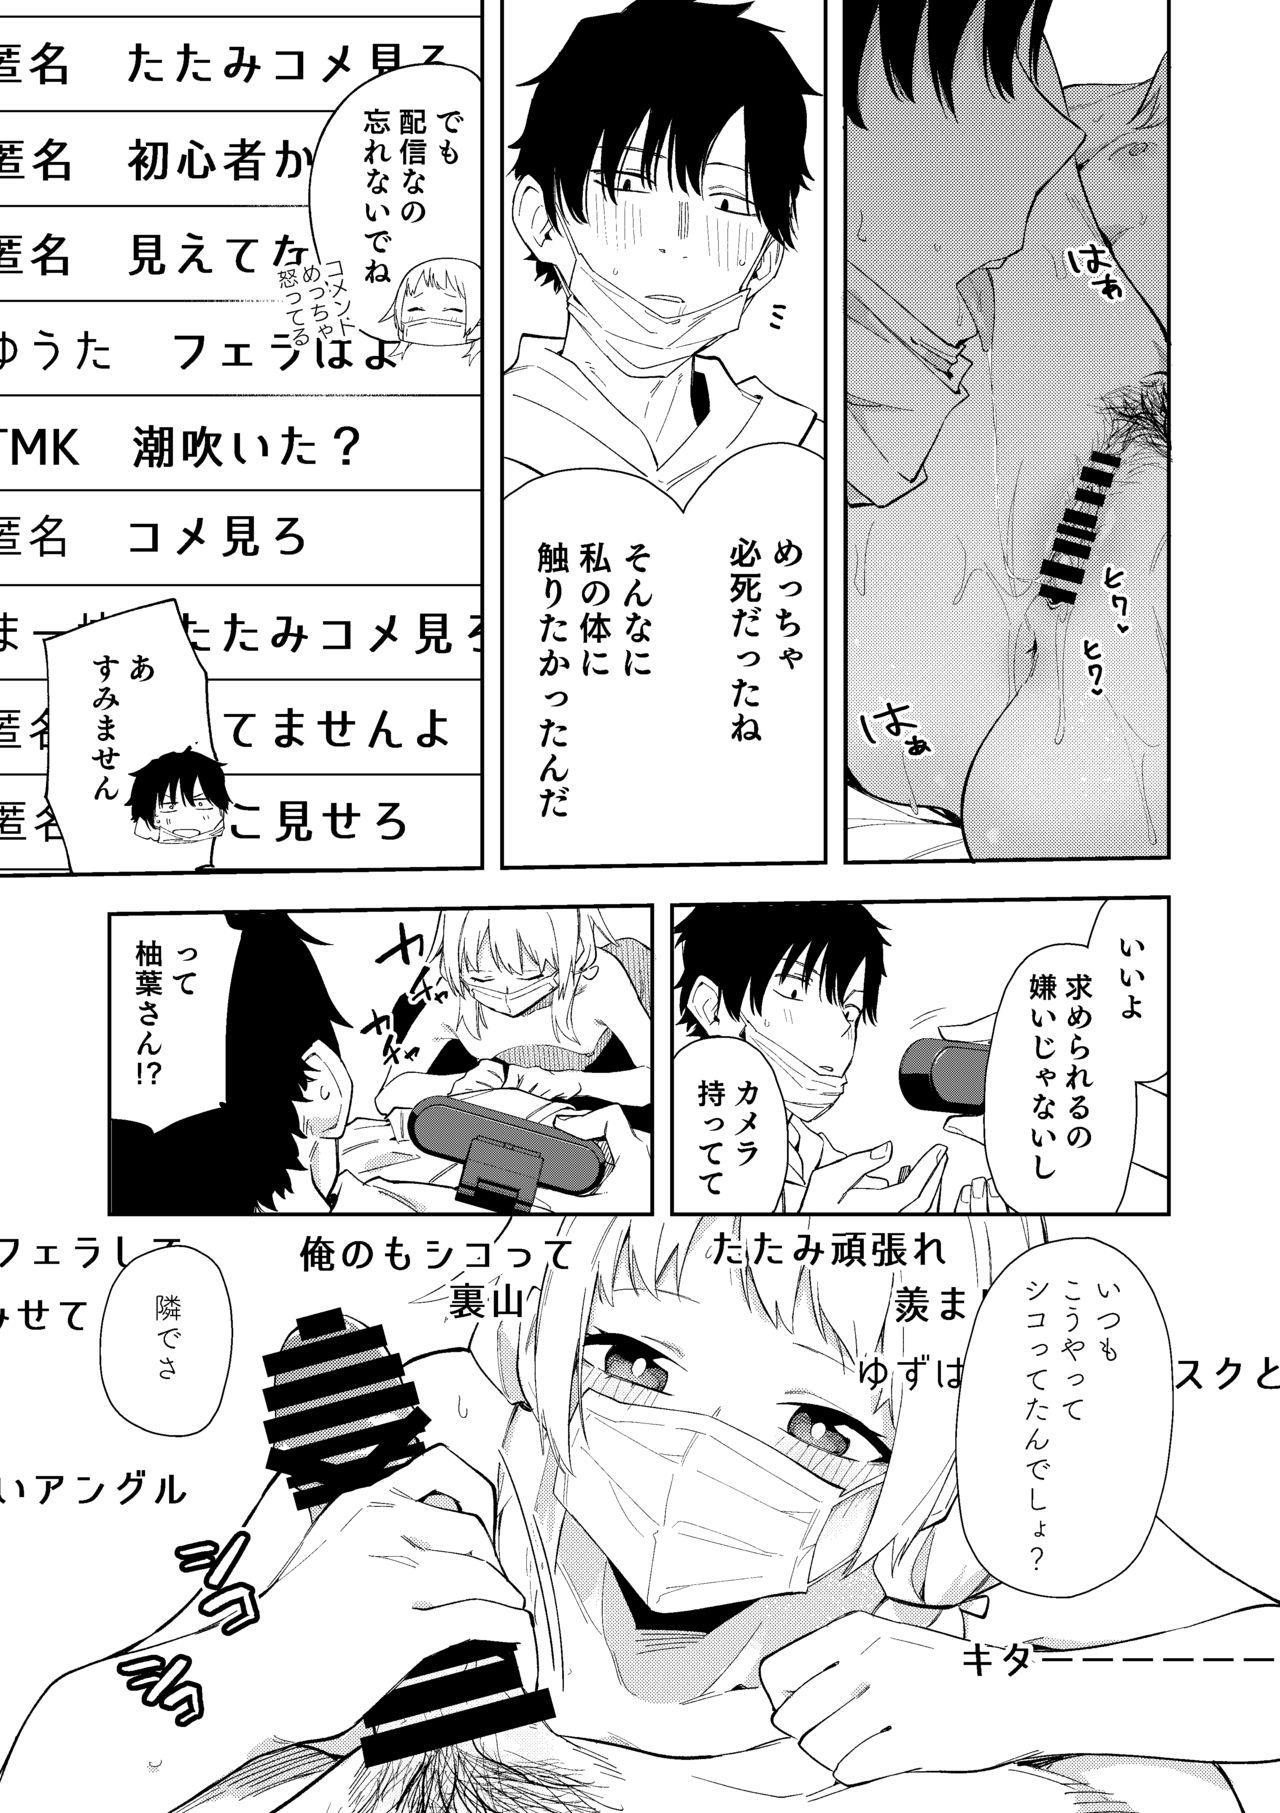 Rinjin wa Yuumei Haishinsha 17